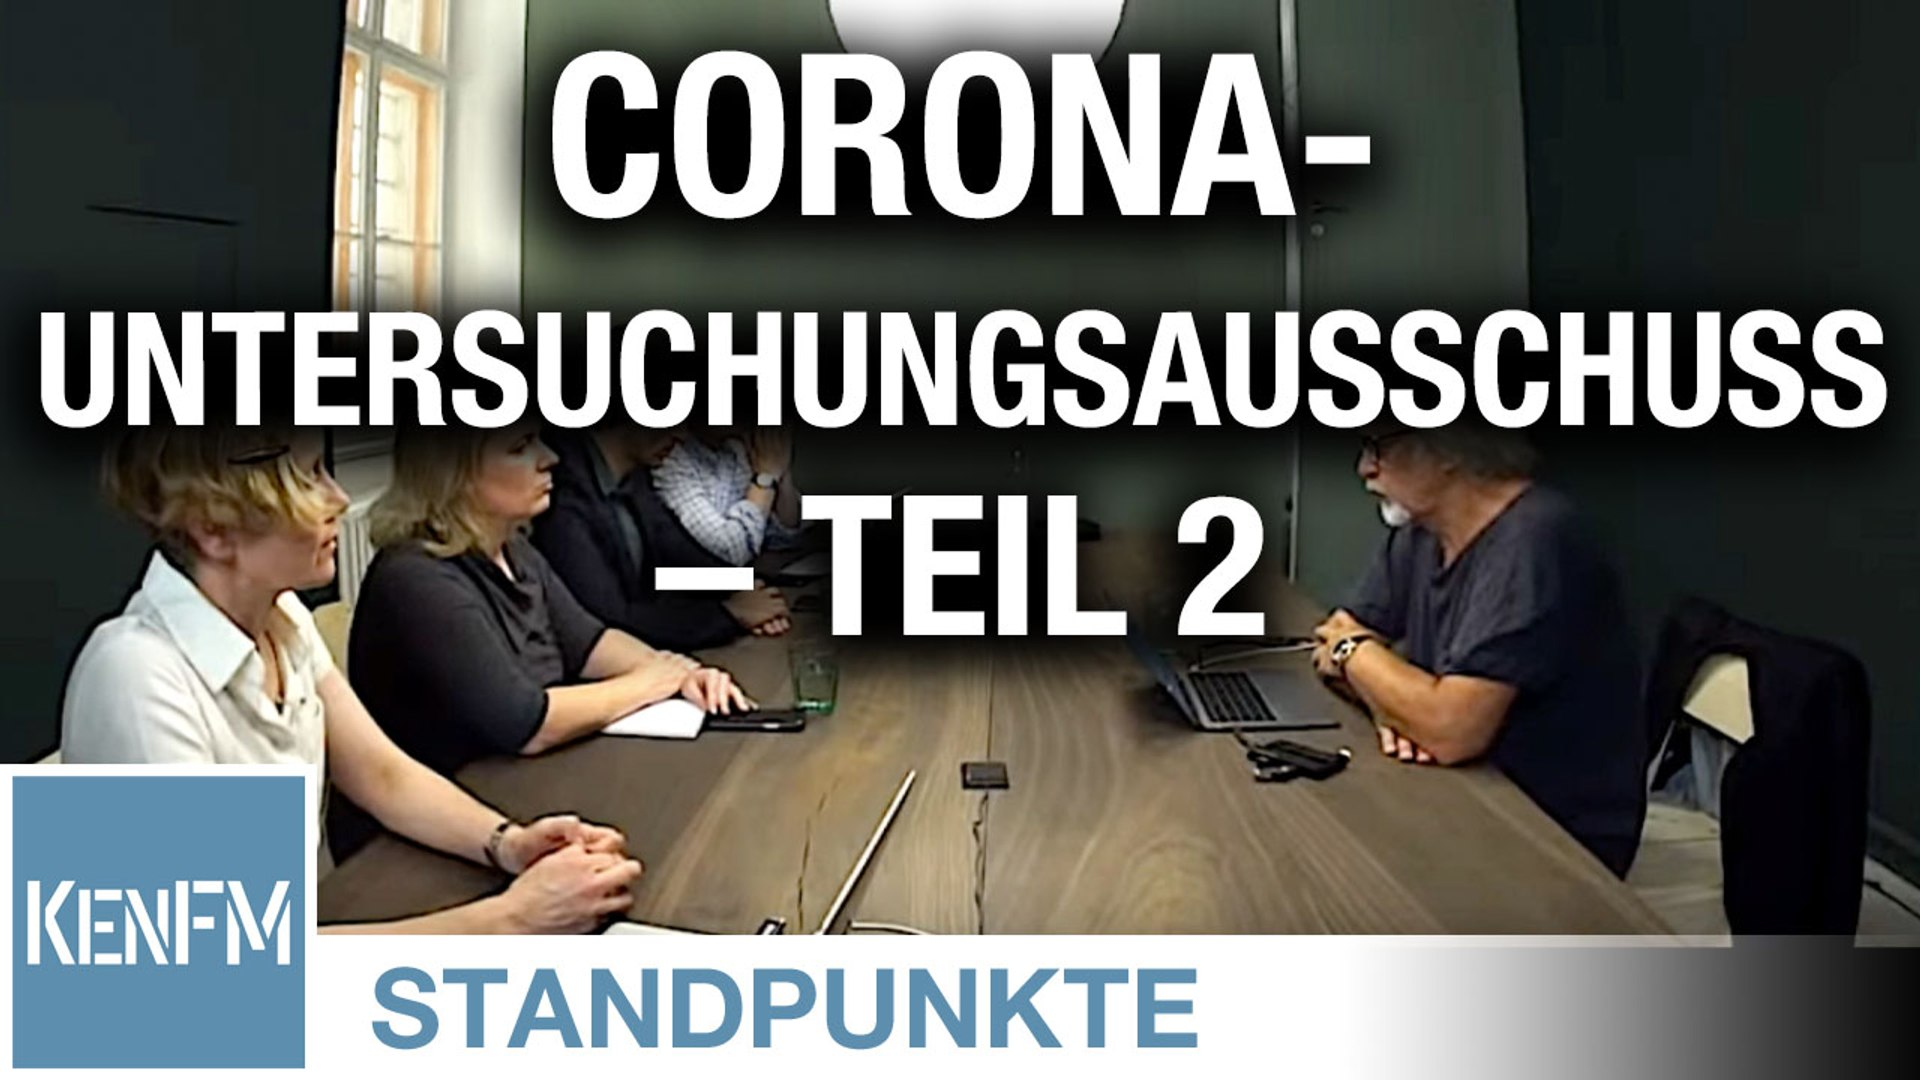 Corona-Untersuchungsausschuss – Teil 2 | Von Jochen Mitschka